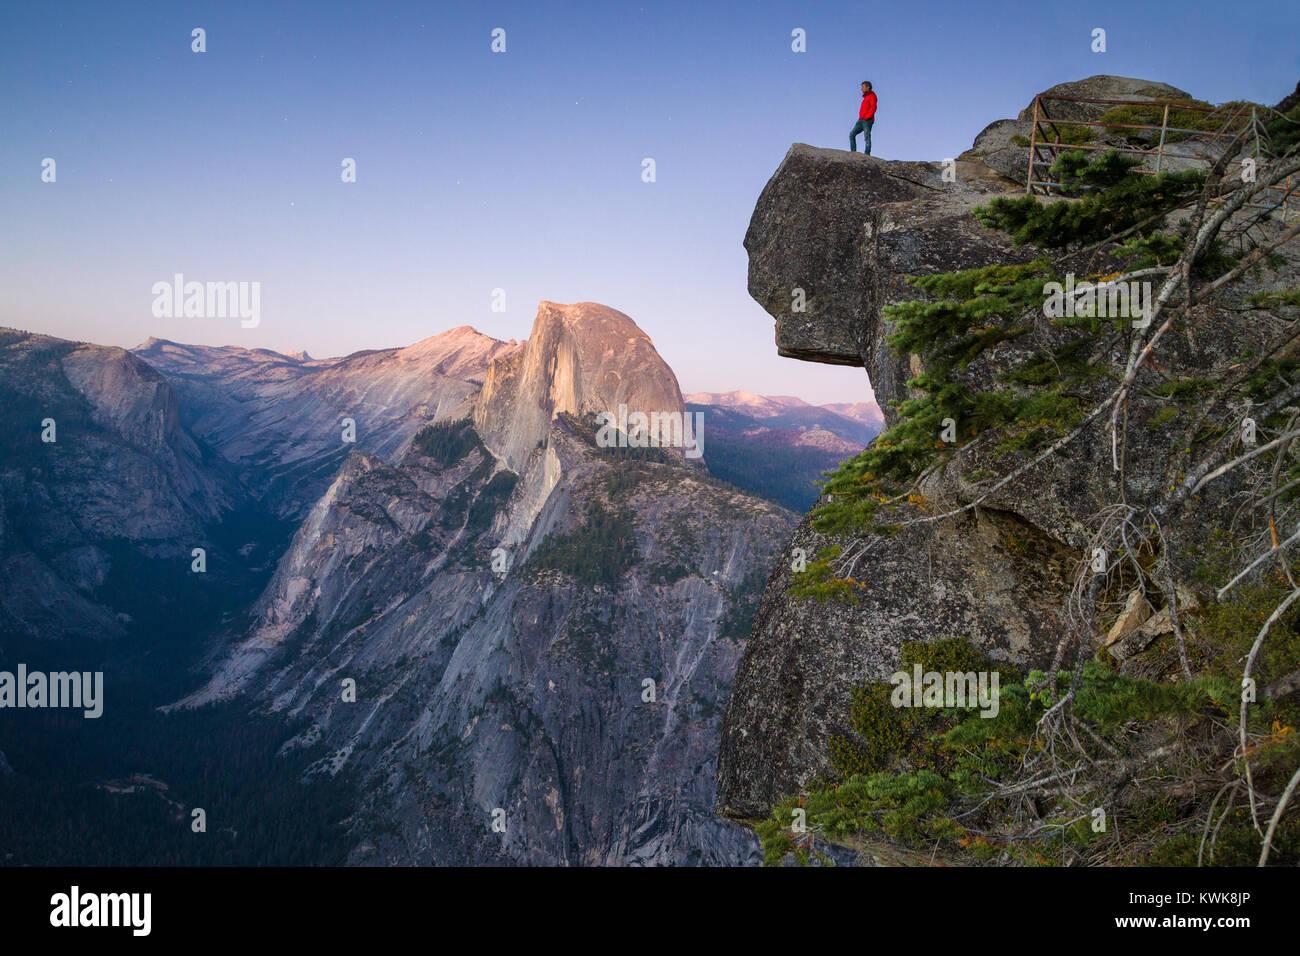 Un intrépido caminante está de pie sobre una roca que sobresale hacia la famosa cúpula de mitad en Imagen De Stock